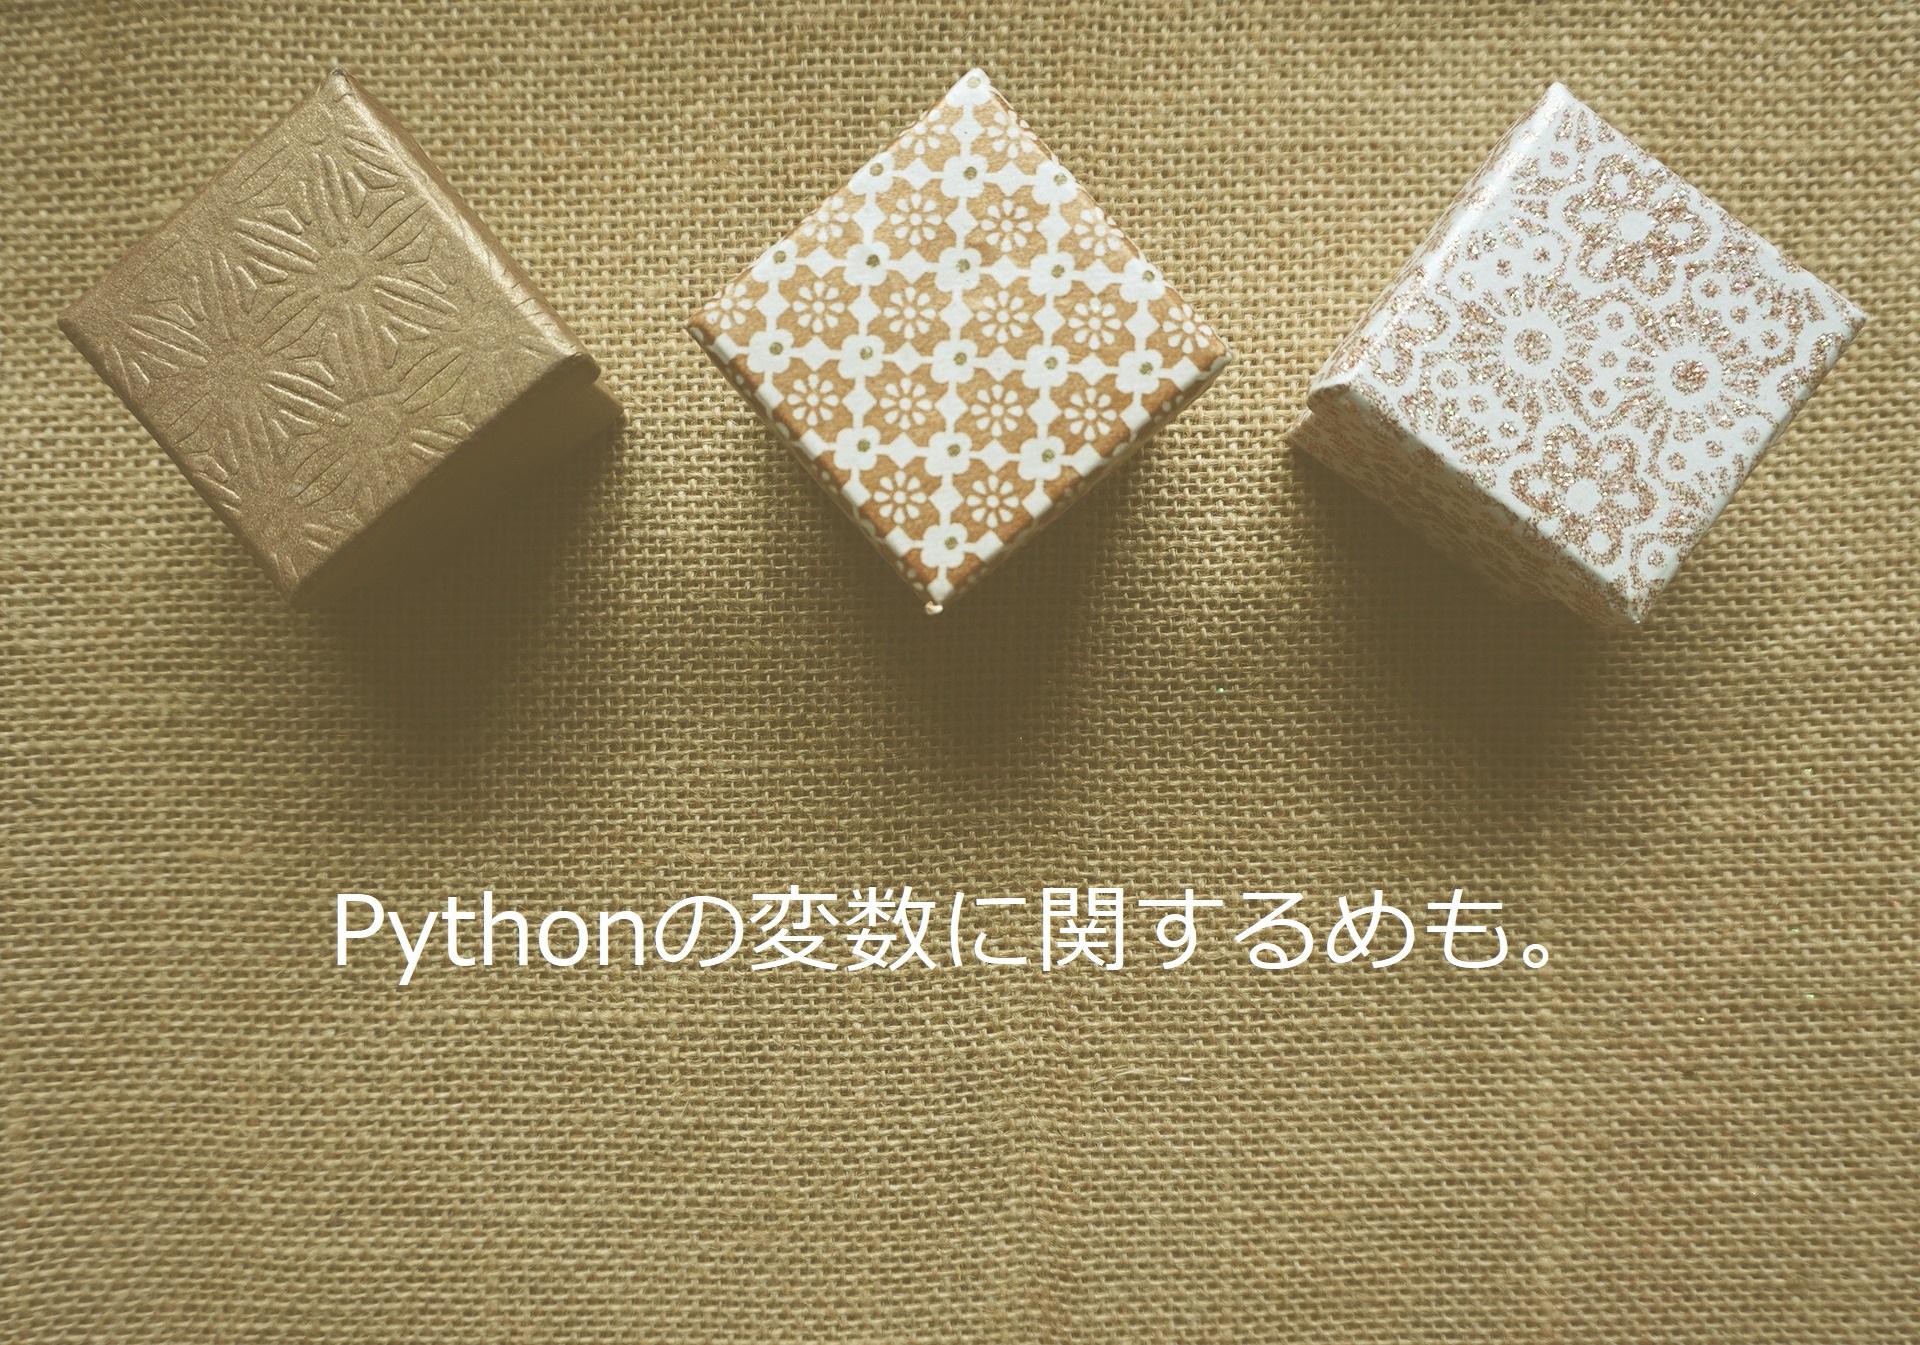 pythonの変数に関するめも